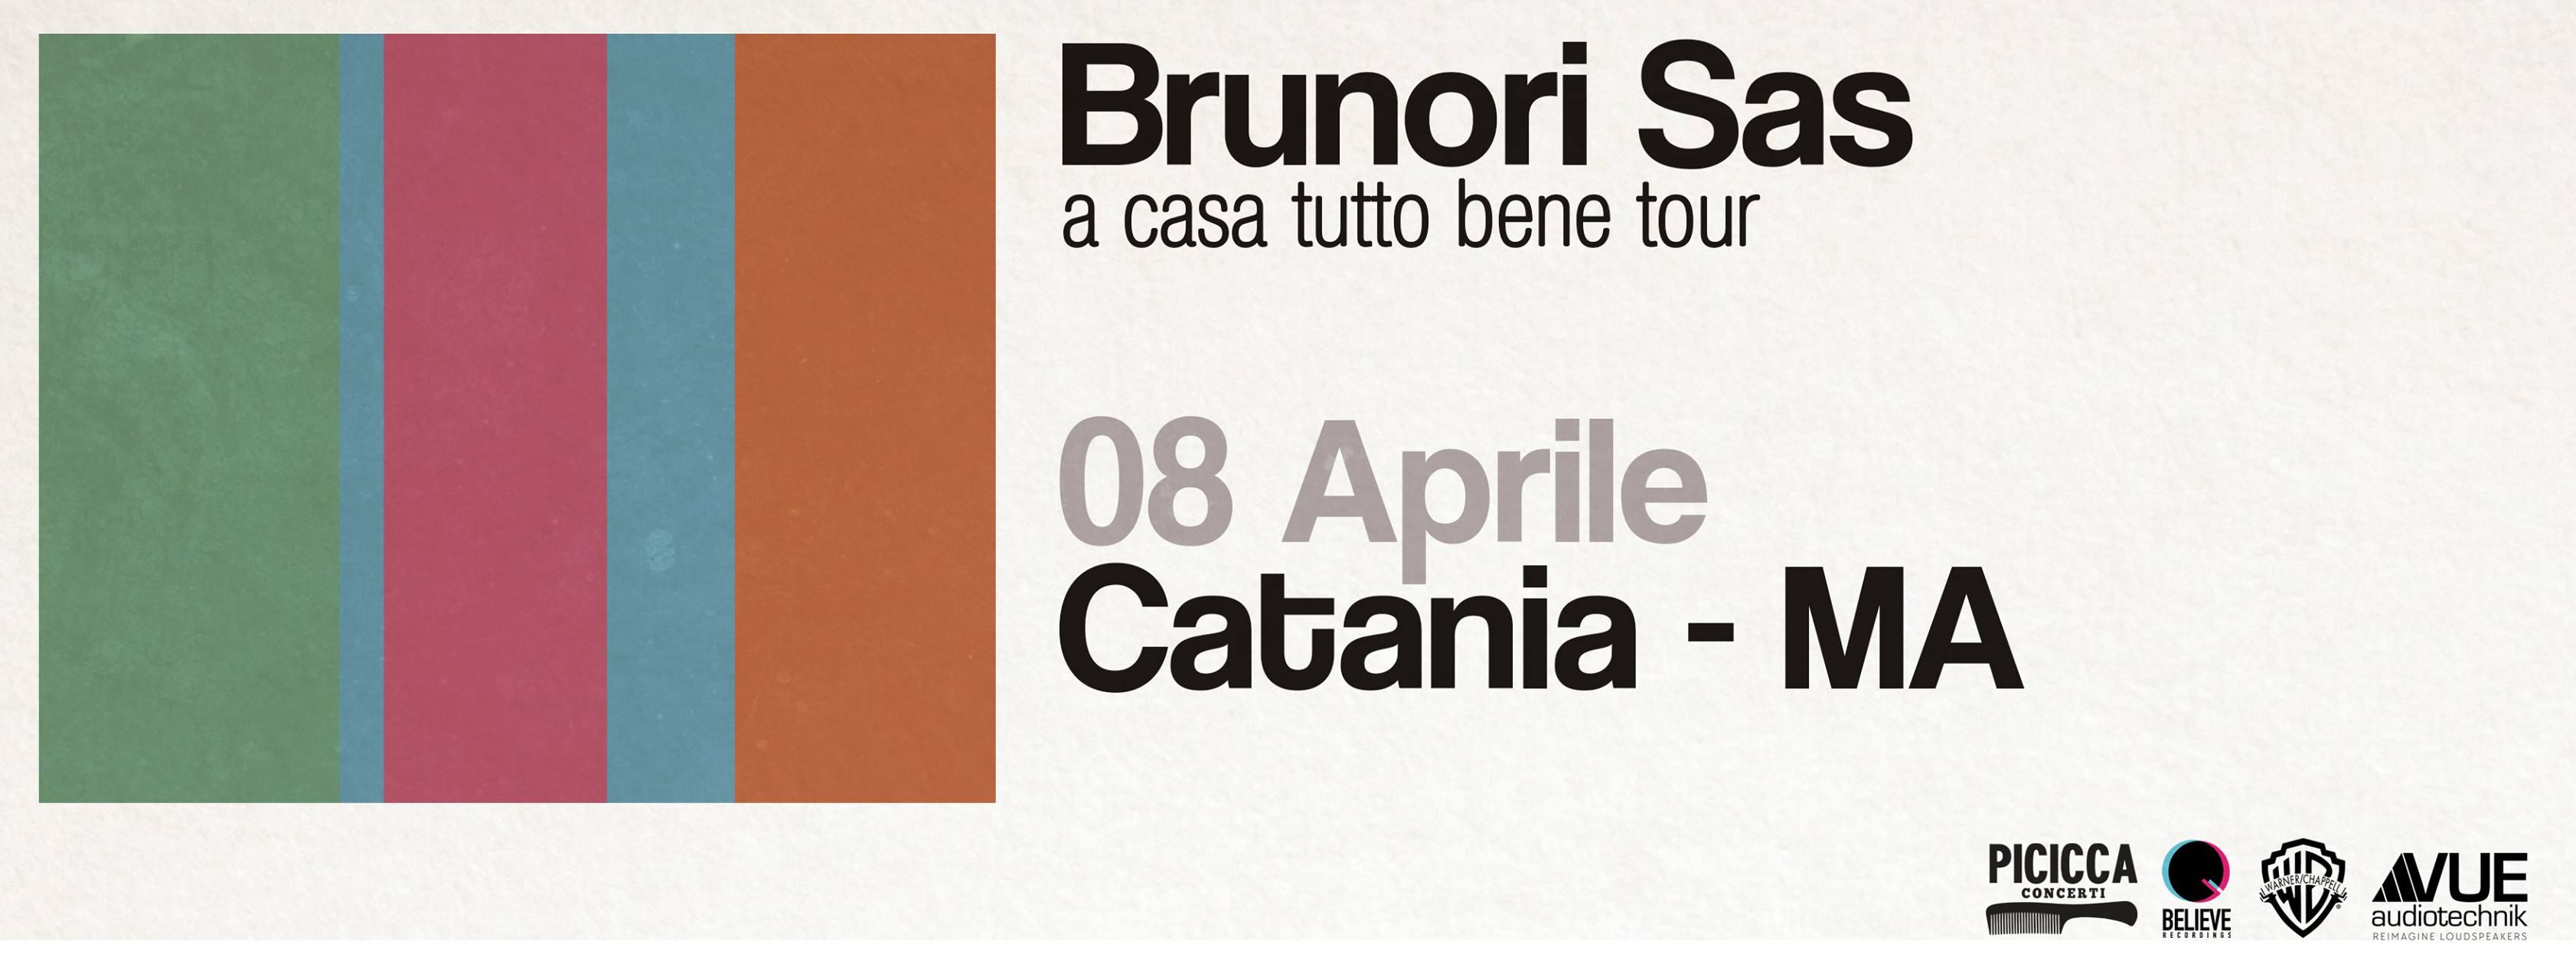 Brunori Sas a Catania